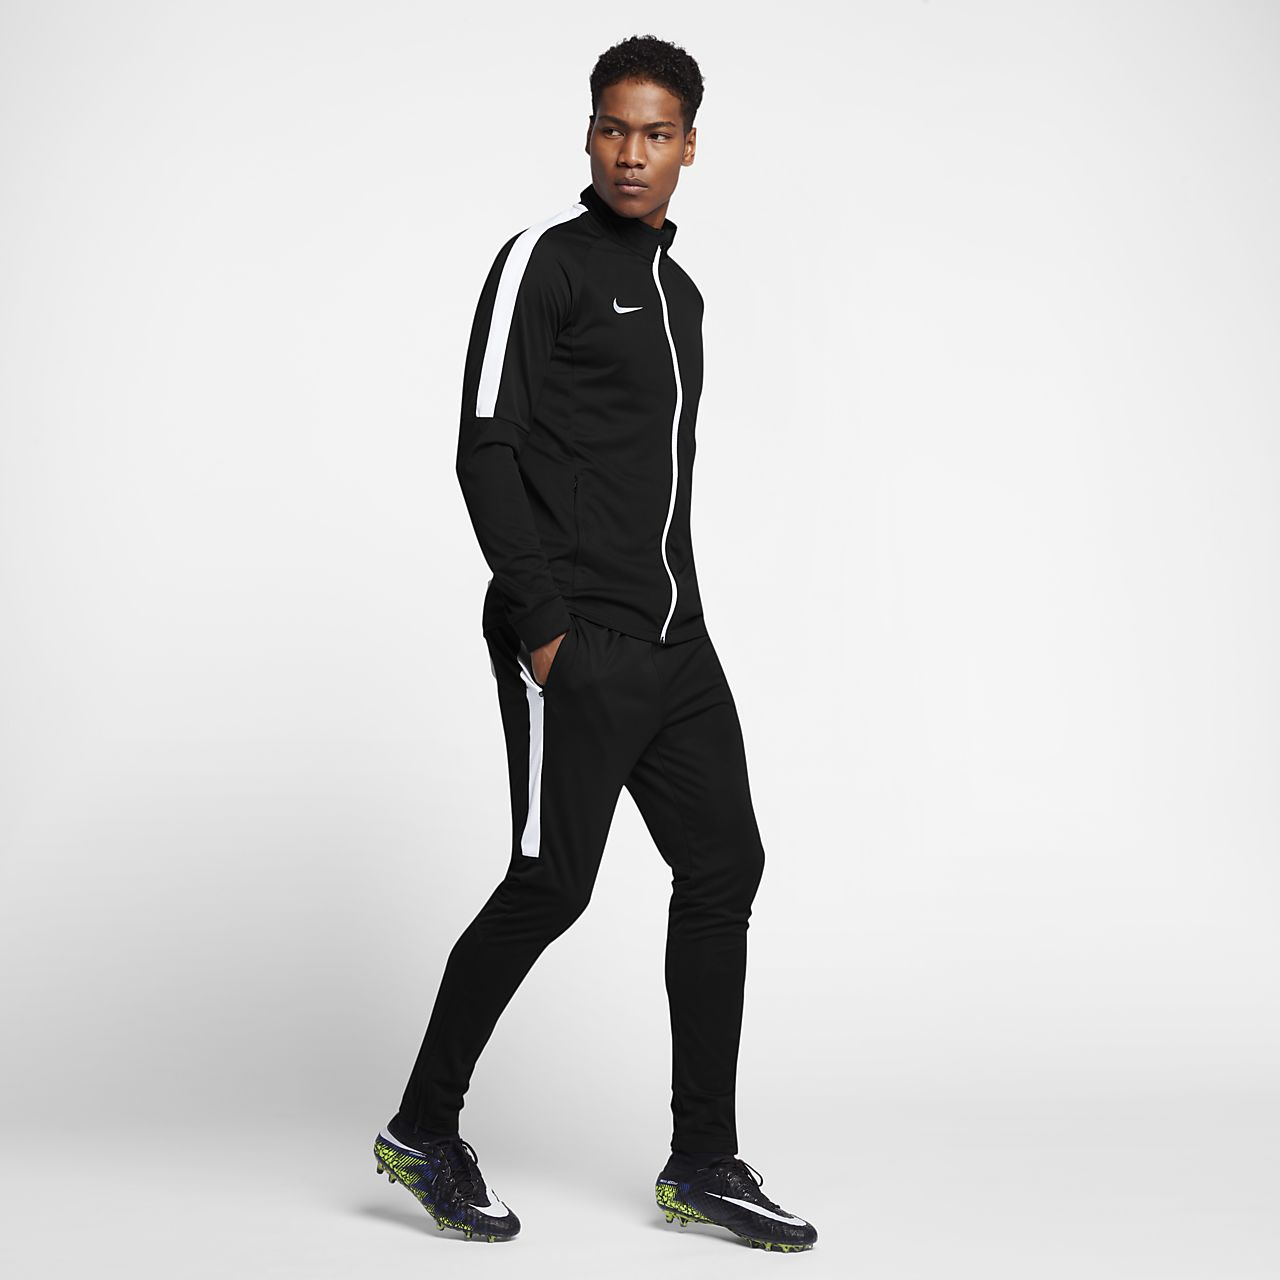 Fútbol Conjunto De Nike Hombre Para Entrenamiento Dri Fit rdBoeCxW